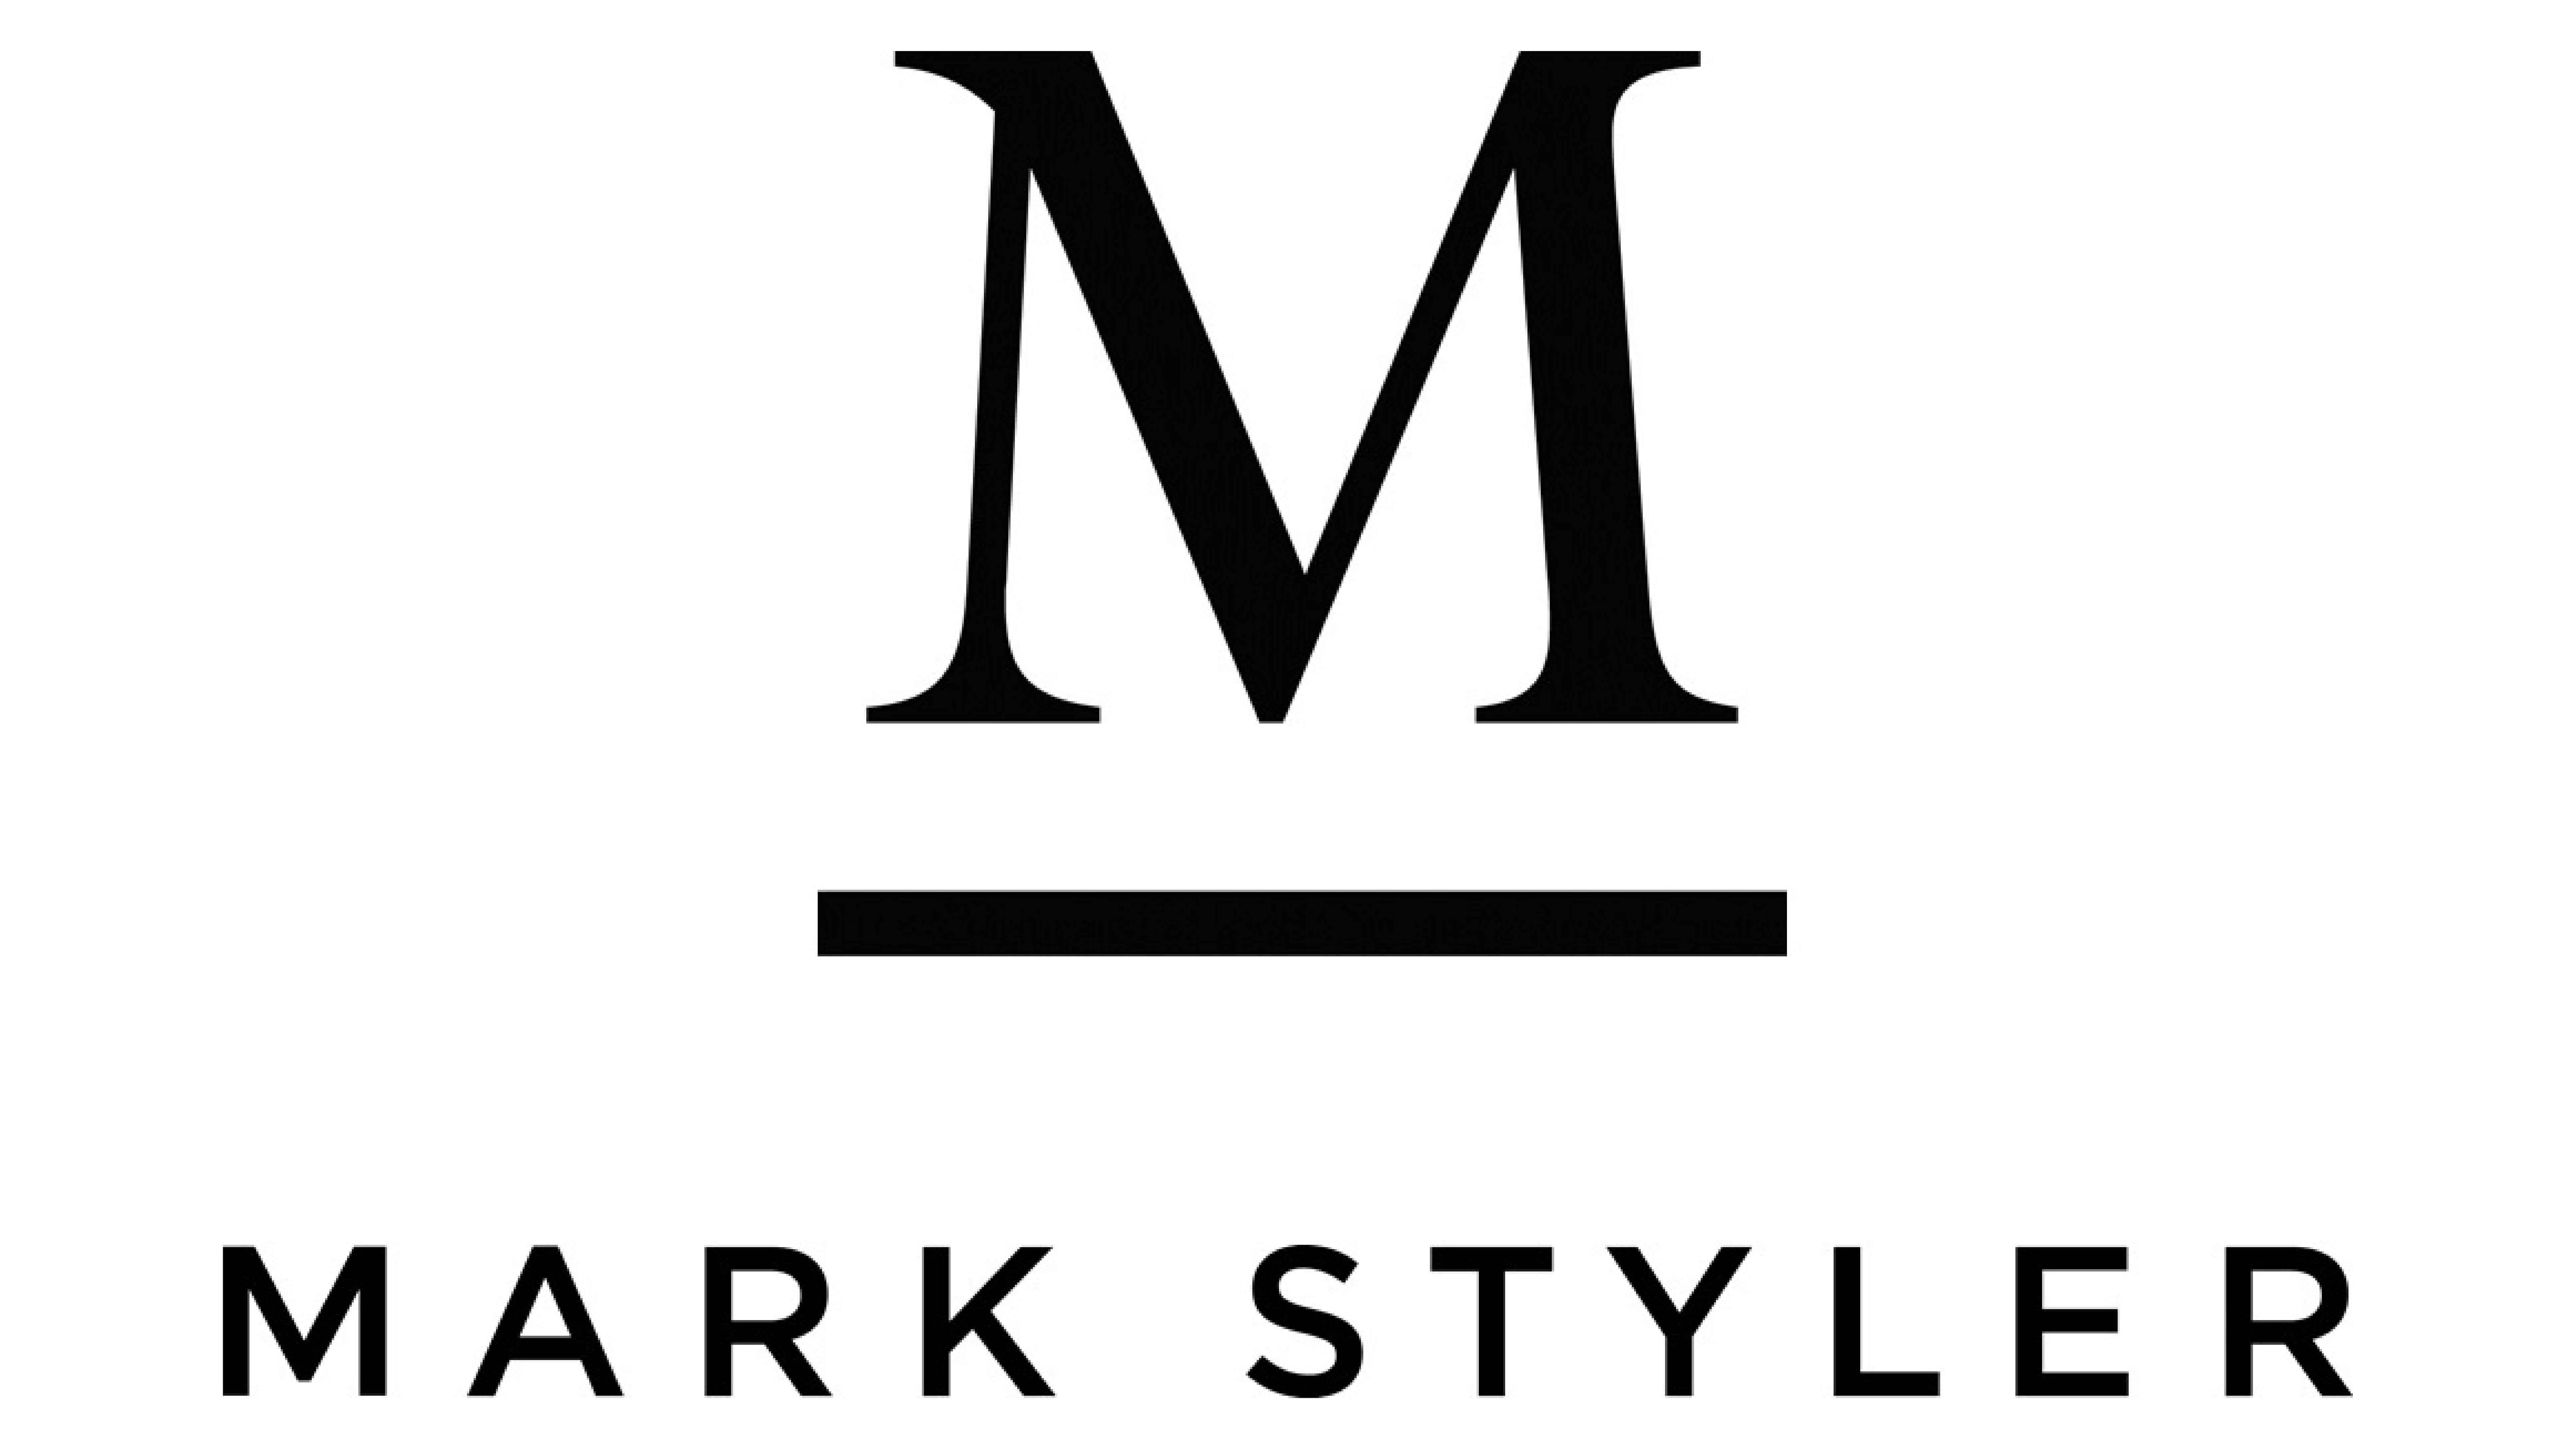 【MARK STYLER】⊹˖✧当社UN3D.でのEC・SNS担当募集⊹˖✧のカバー写真